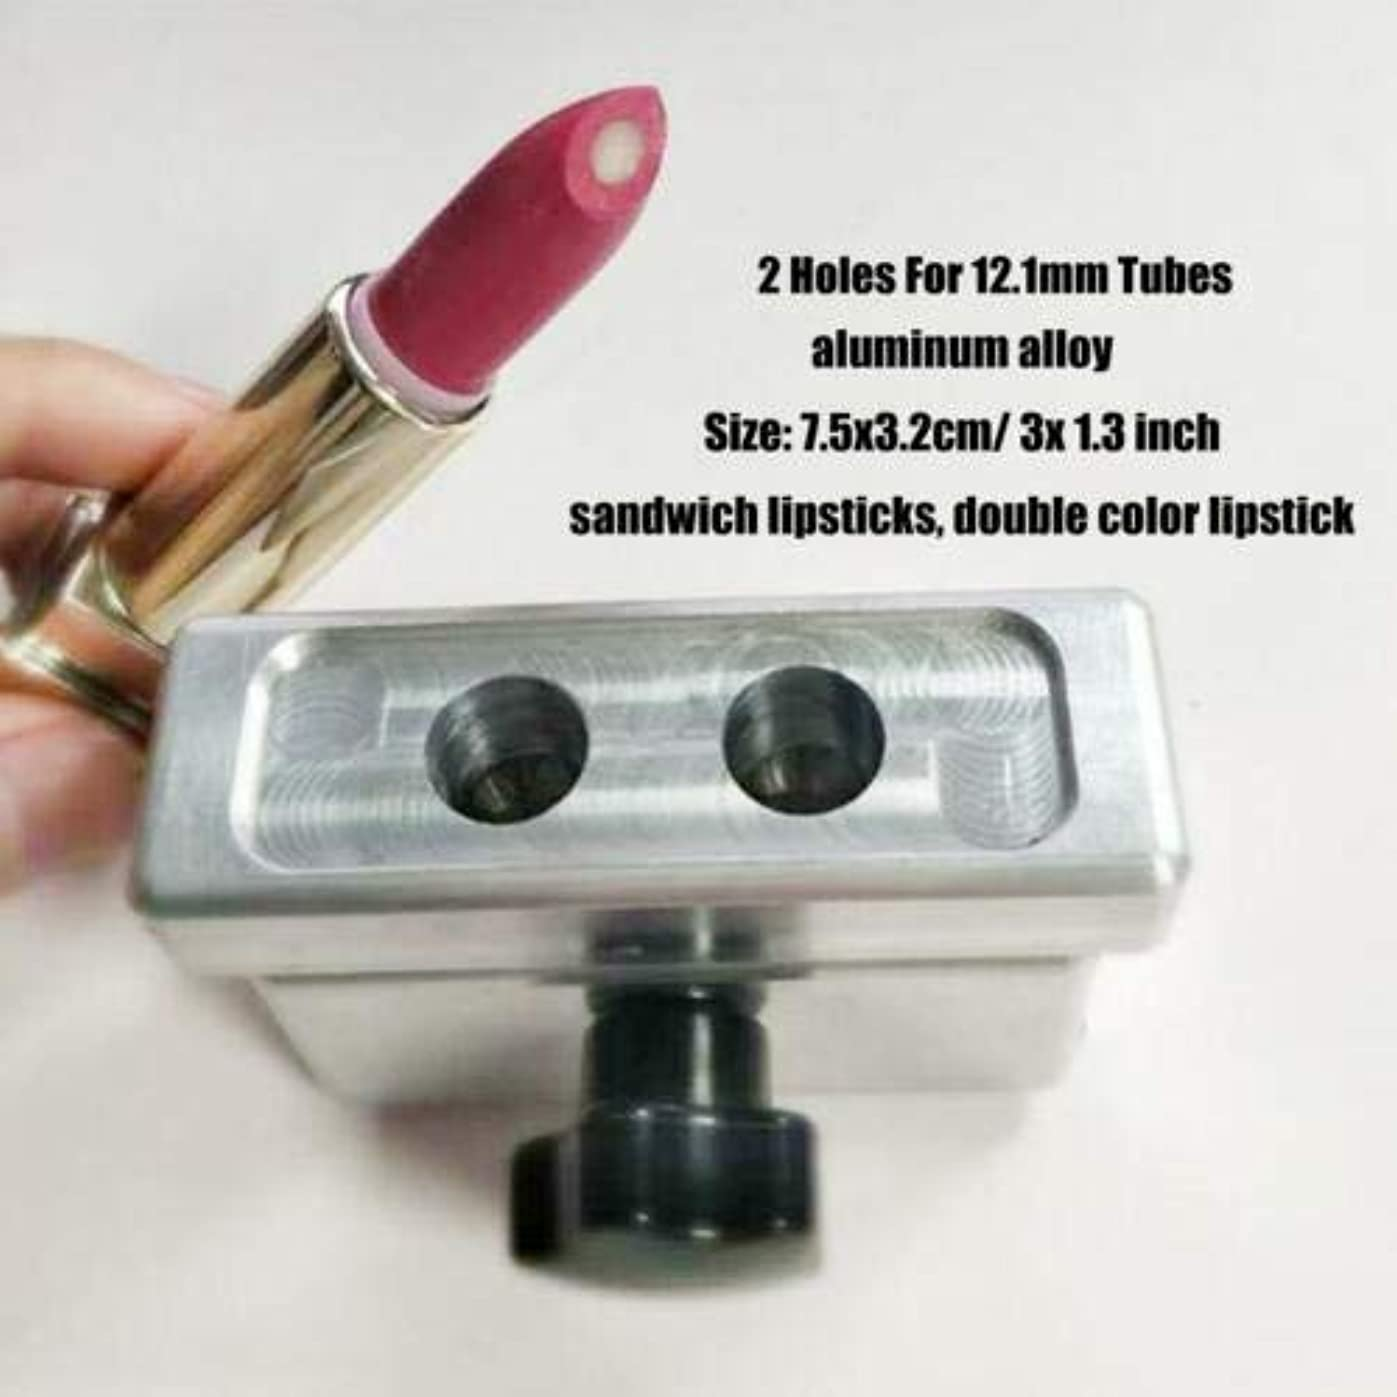 聖書報奨金エステートFidgetGear DIY口紅型リップスティック型メーカー2 4 6穴用9 mm 11.1 mm 12.1 mmチューブ #5(2穴12.1mm)